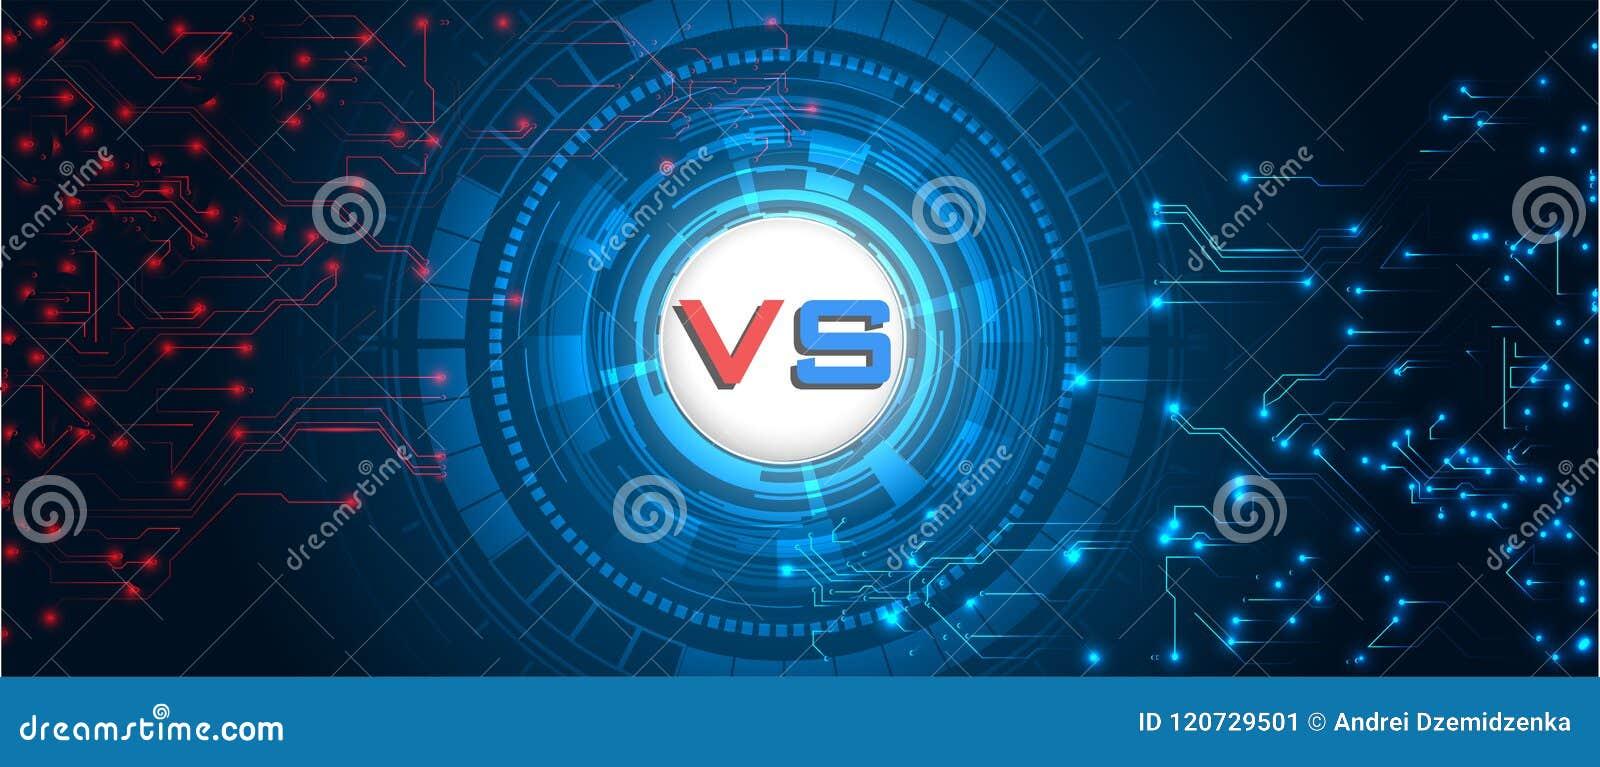 Schermo di RGBVersus Ambiti di provenienza di lotta faccia a faccia, rosso contro il blu Fondo digitale e tecnologico astratto